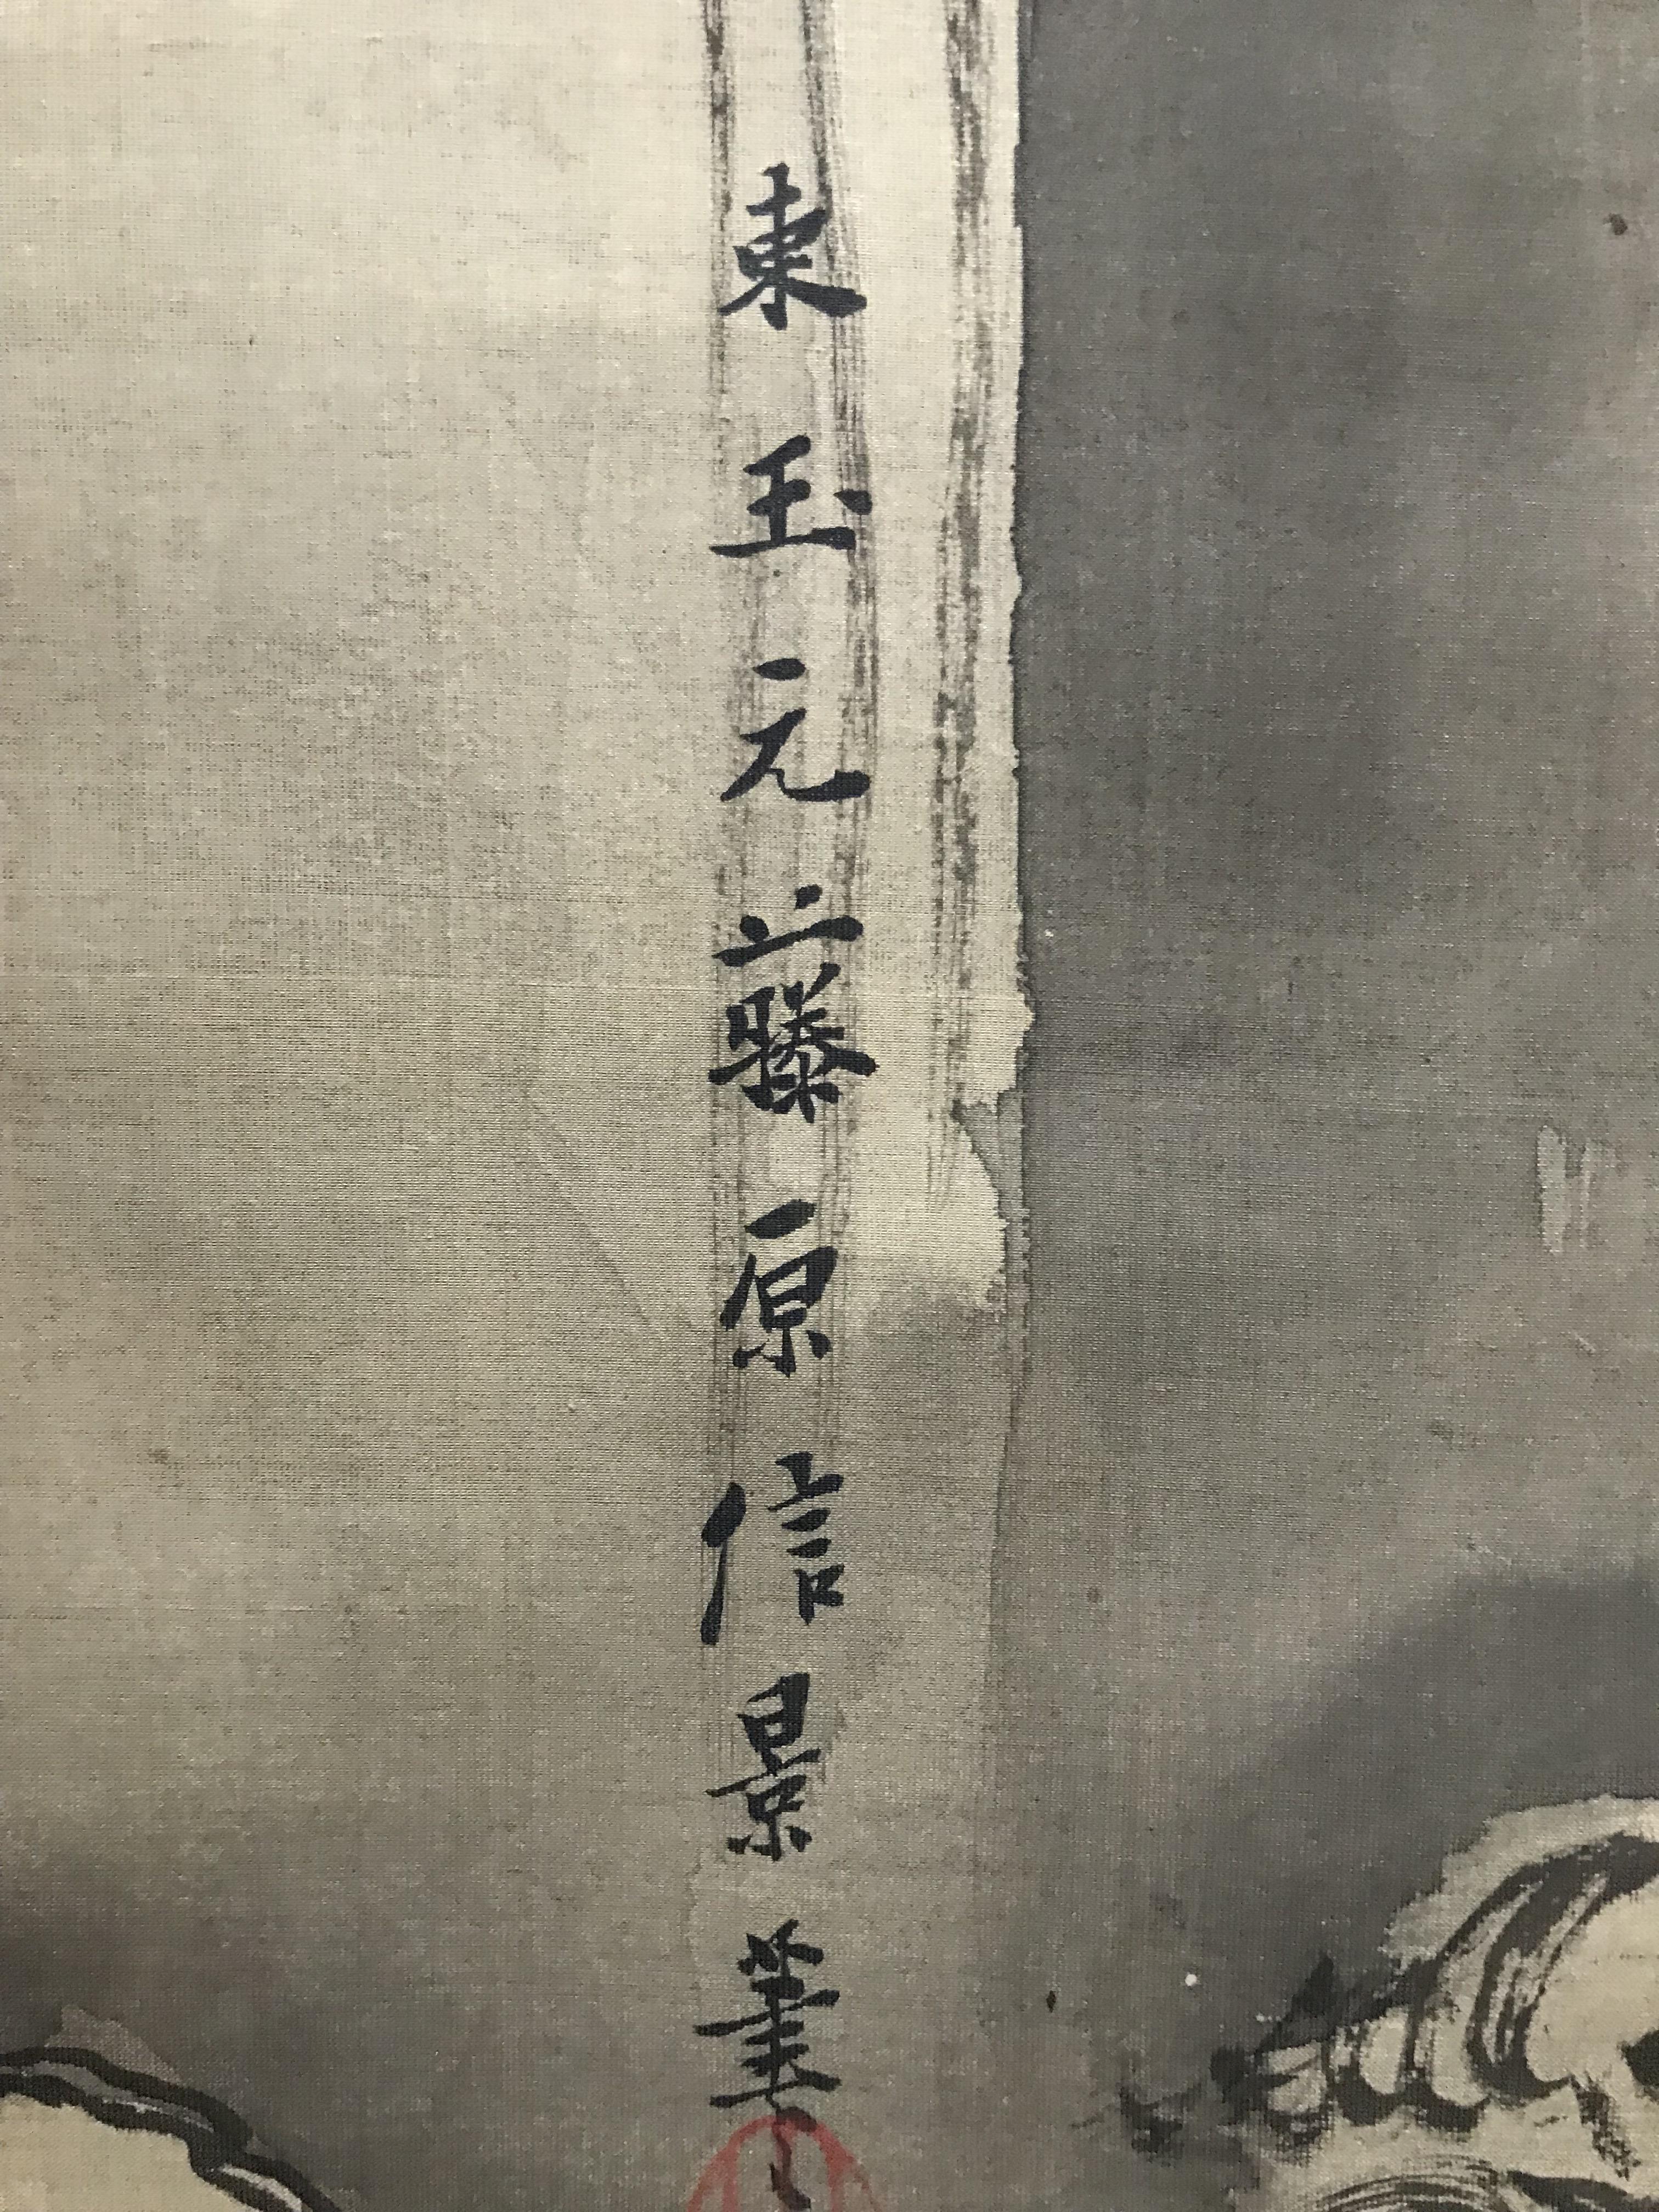 落款印章:東玉元藤原信景筆